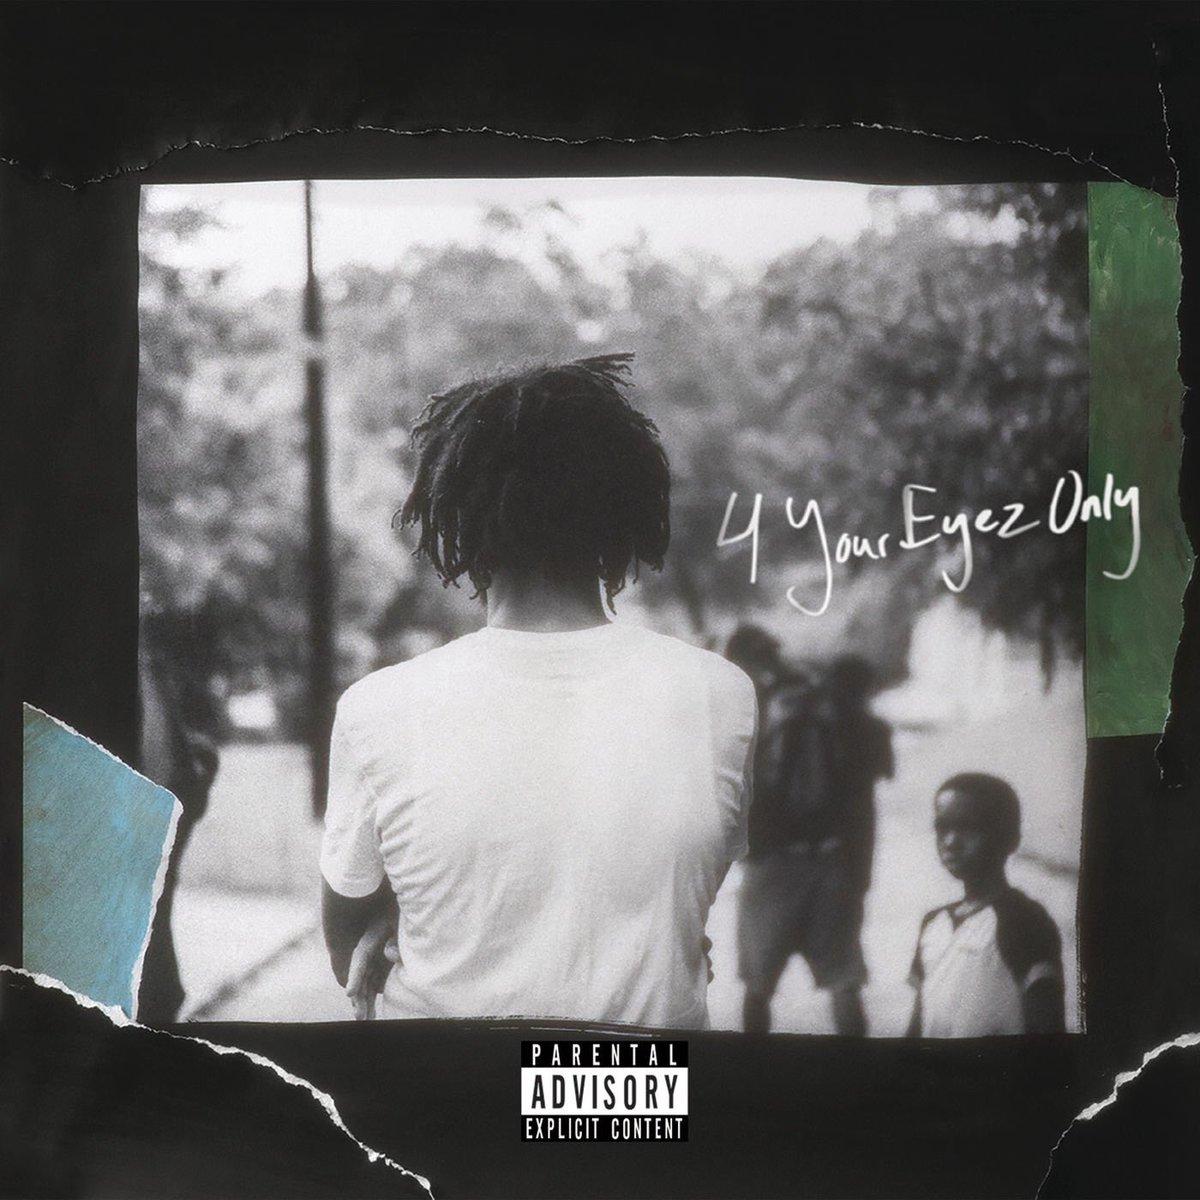 J. Cole Announces New Album '4 Your Eyez Only'